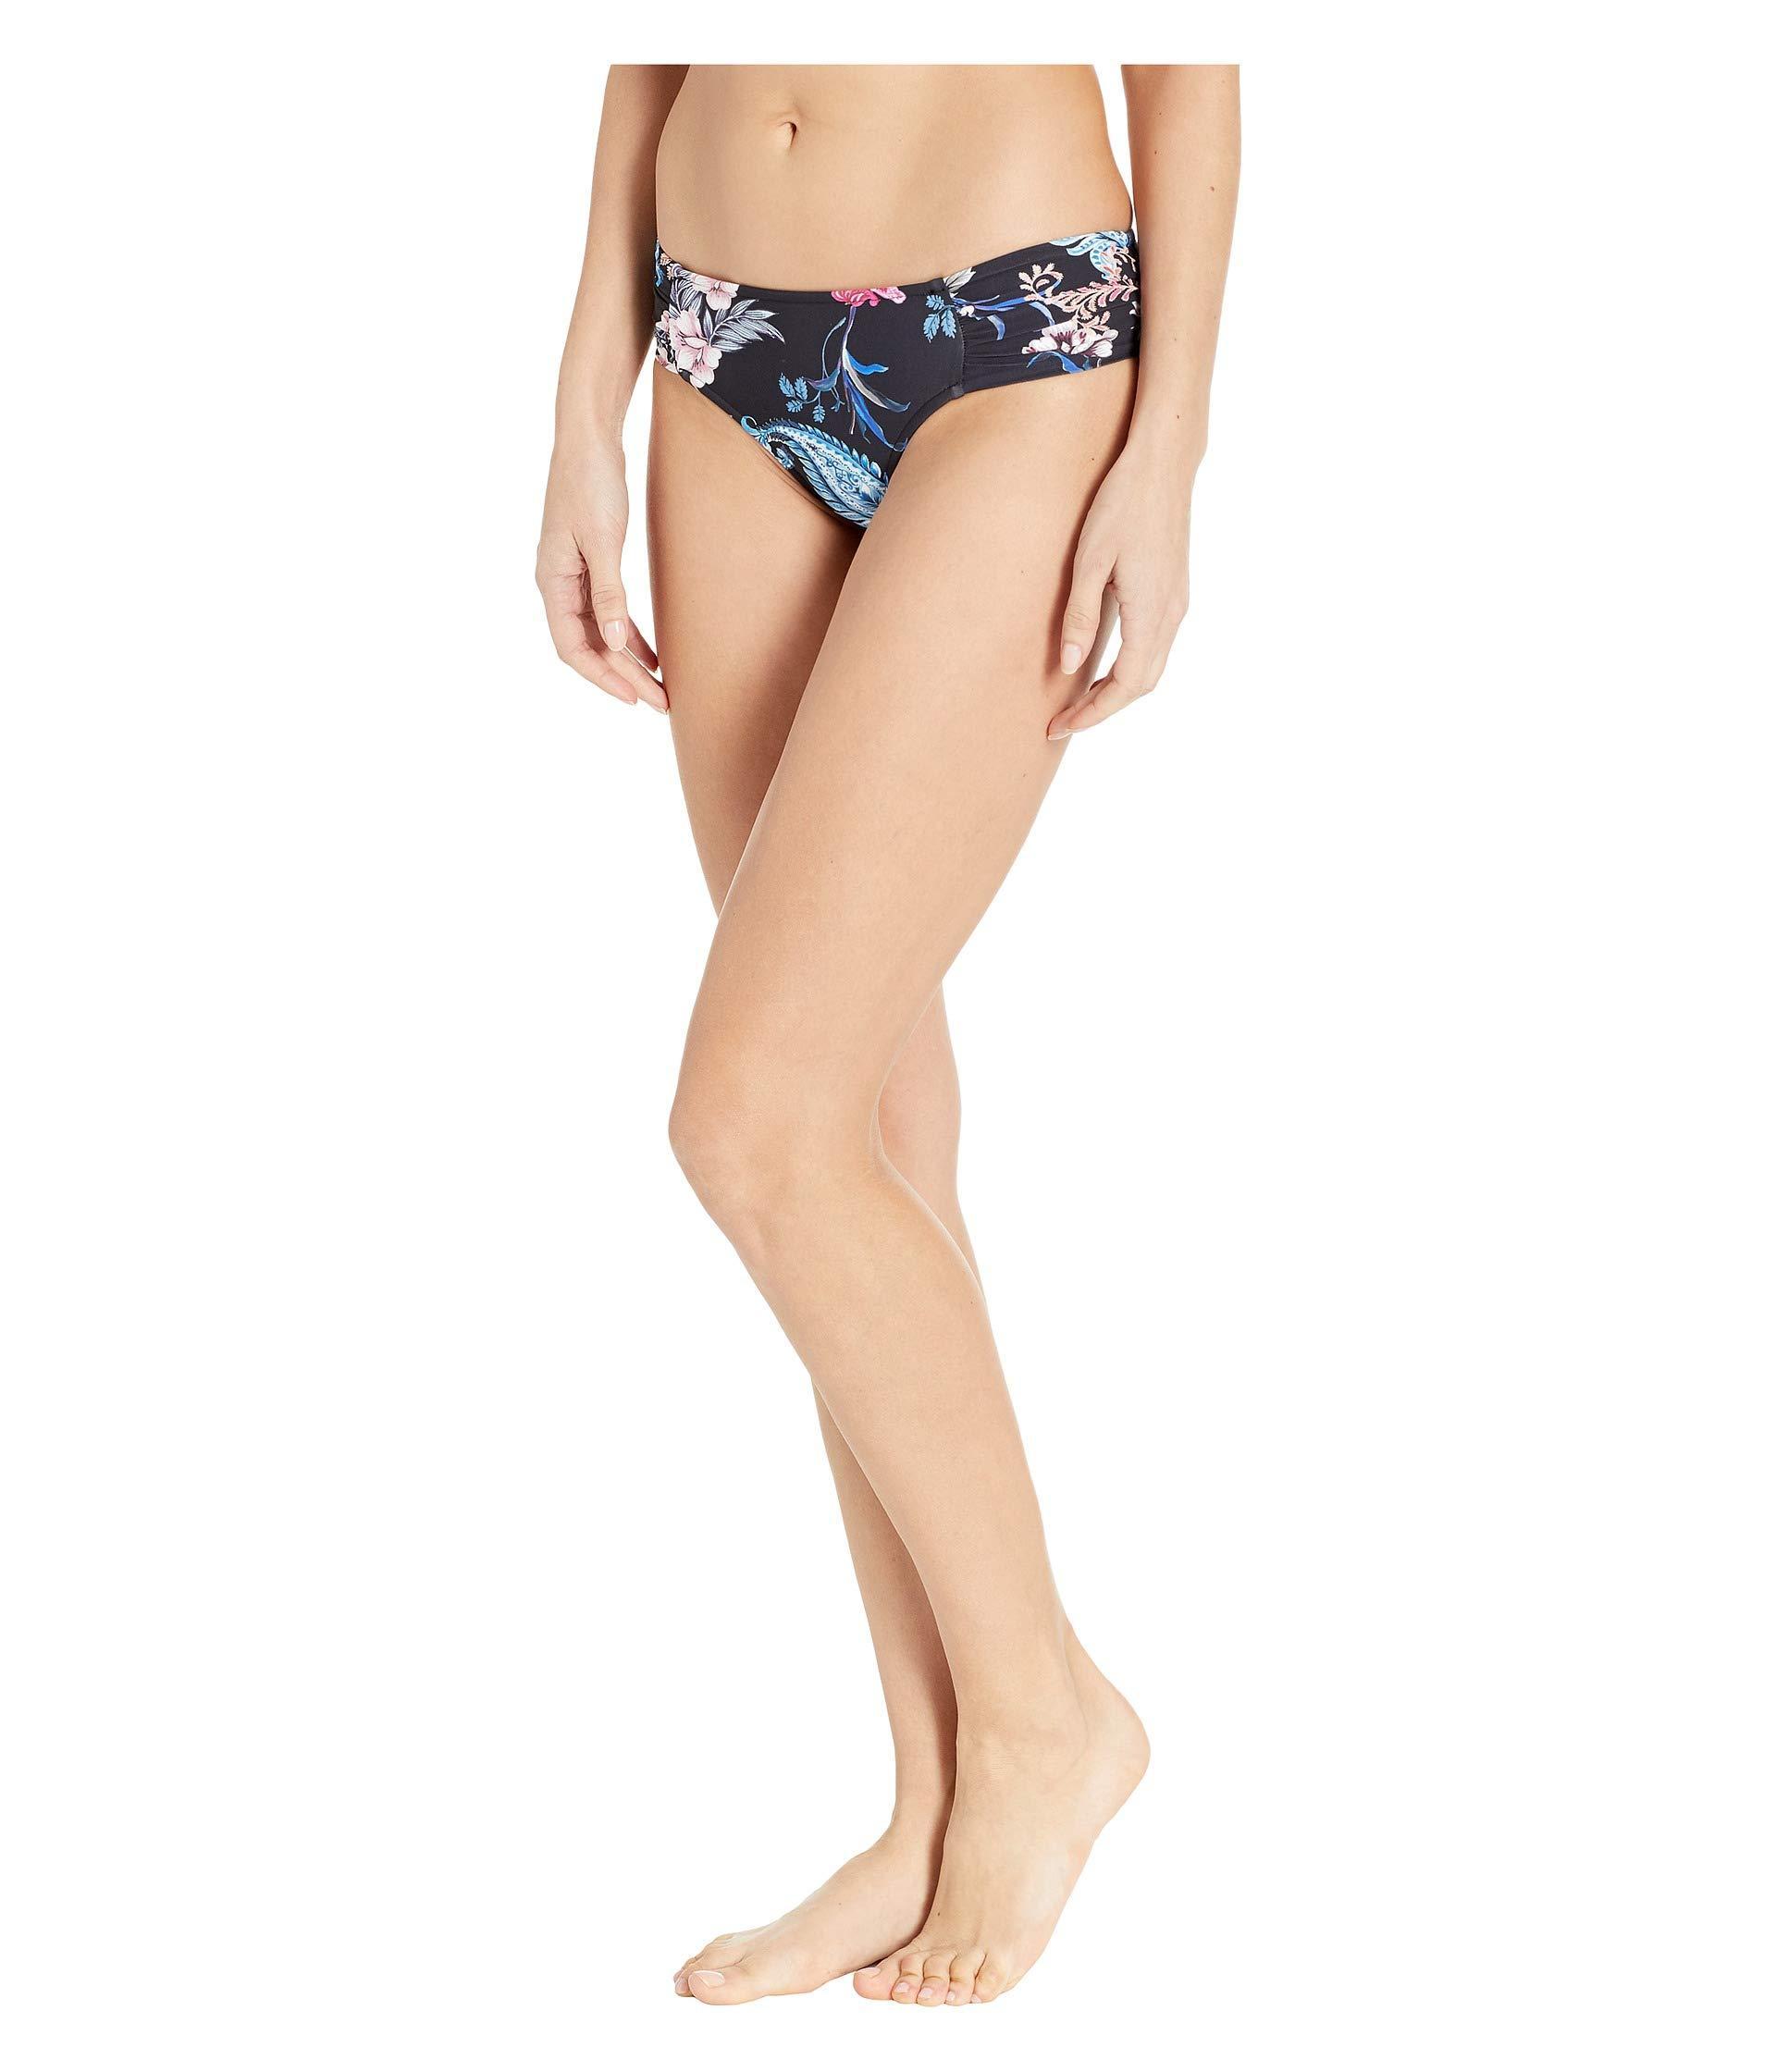 8931d44e64 Lyst - Seafolly Water Garden Ruched Side Retro Bottoms (black) Women's  Swimwear in Black